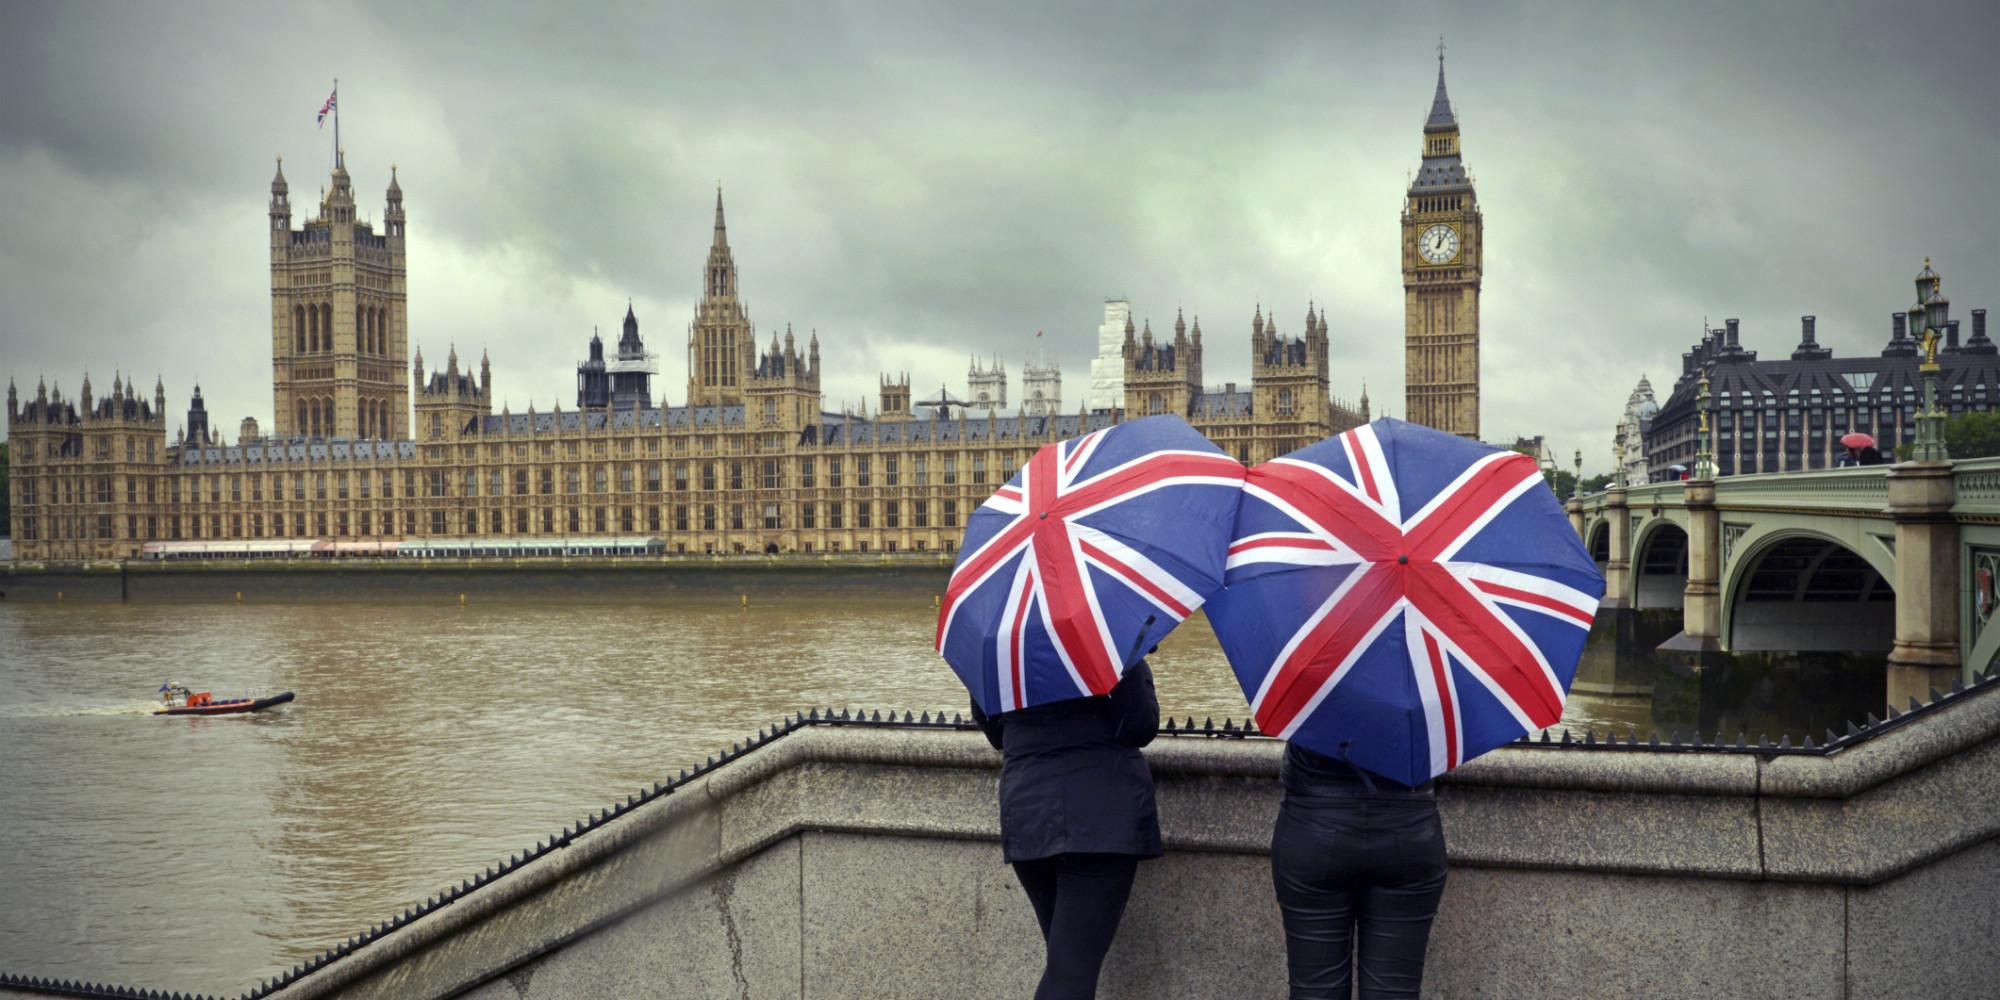 Образец заполнения анкеты на визу в Великобританию (Англию)